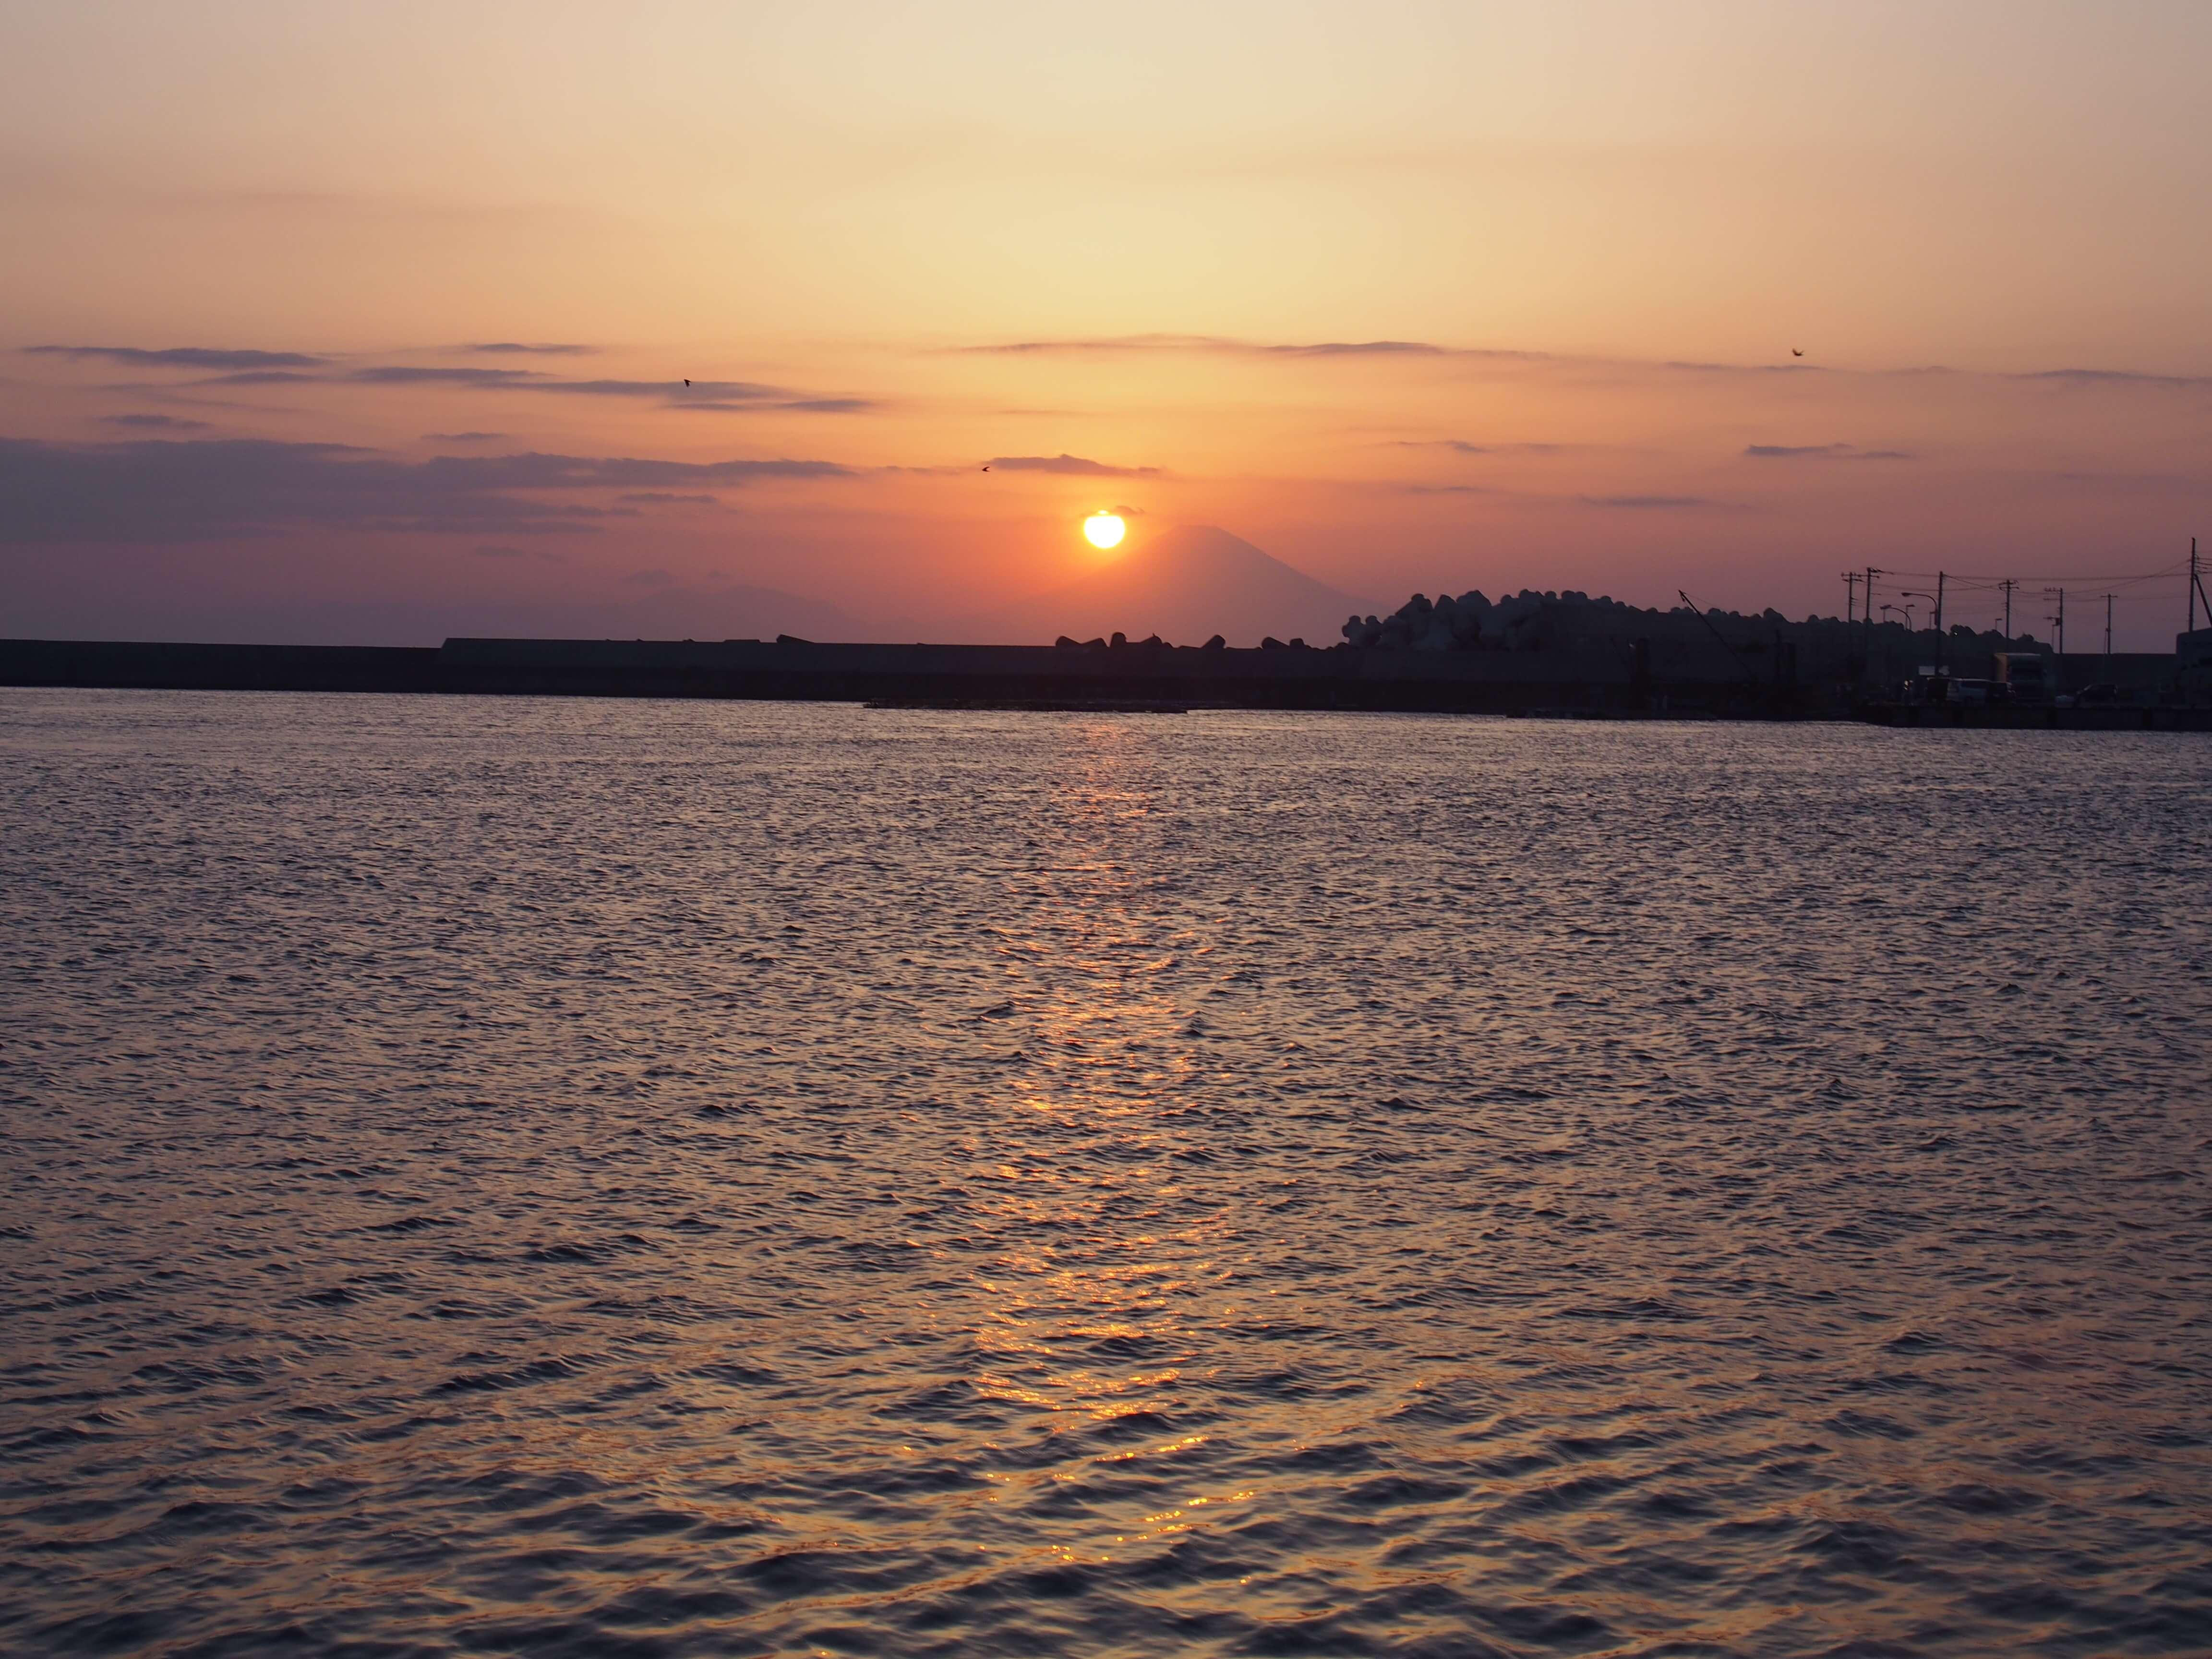 三崎の夕暮れはとても綺麗だった